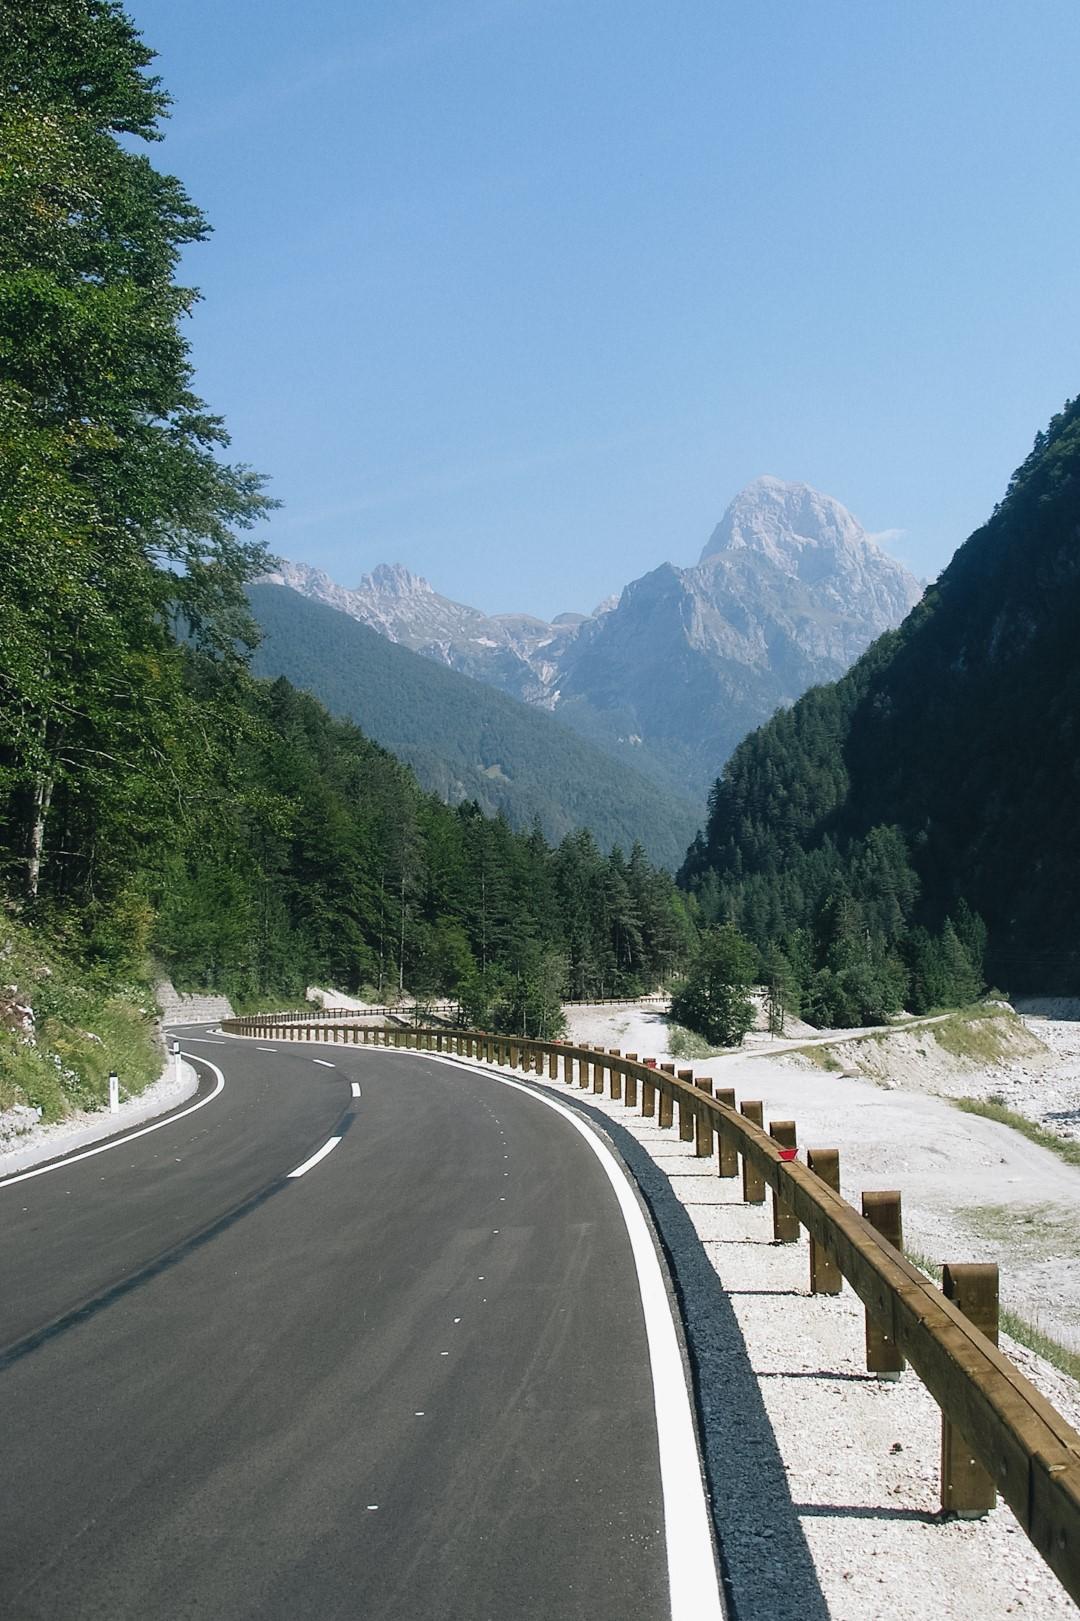 Szosa na Słowenii Alpy Julijskie w tle.